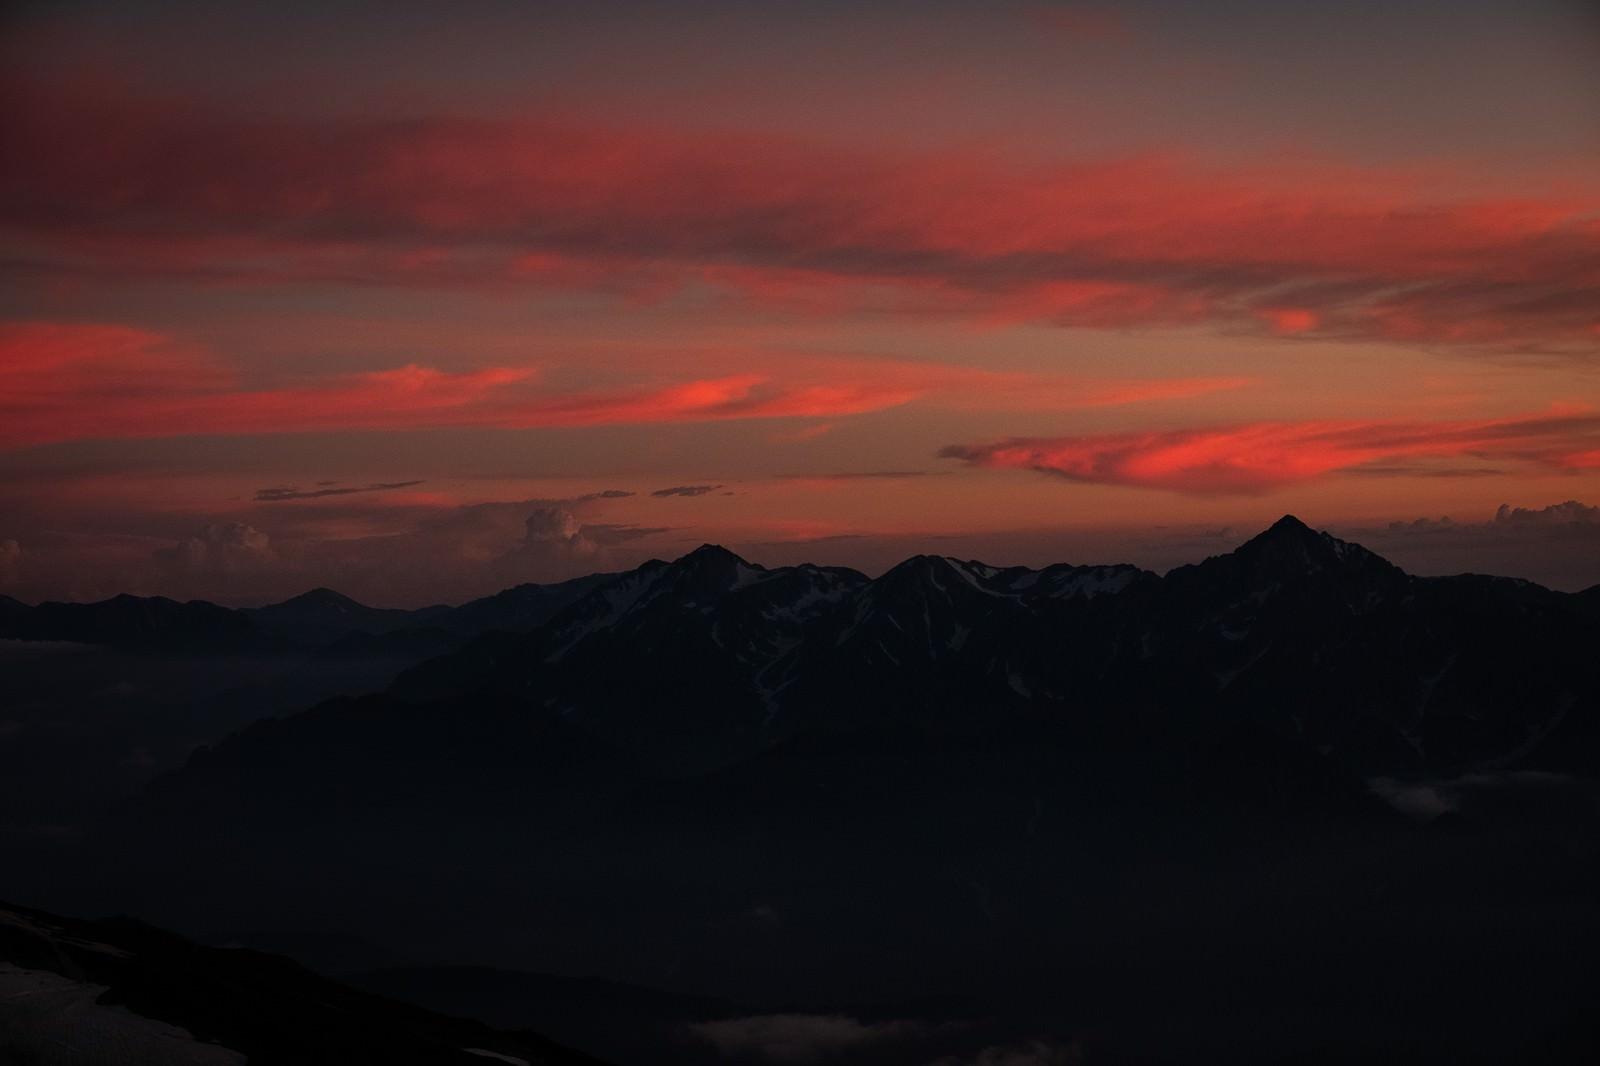 「夕焼けと日没を迎える立山連峰」の写真